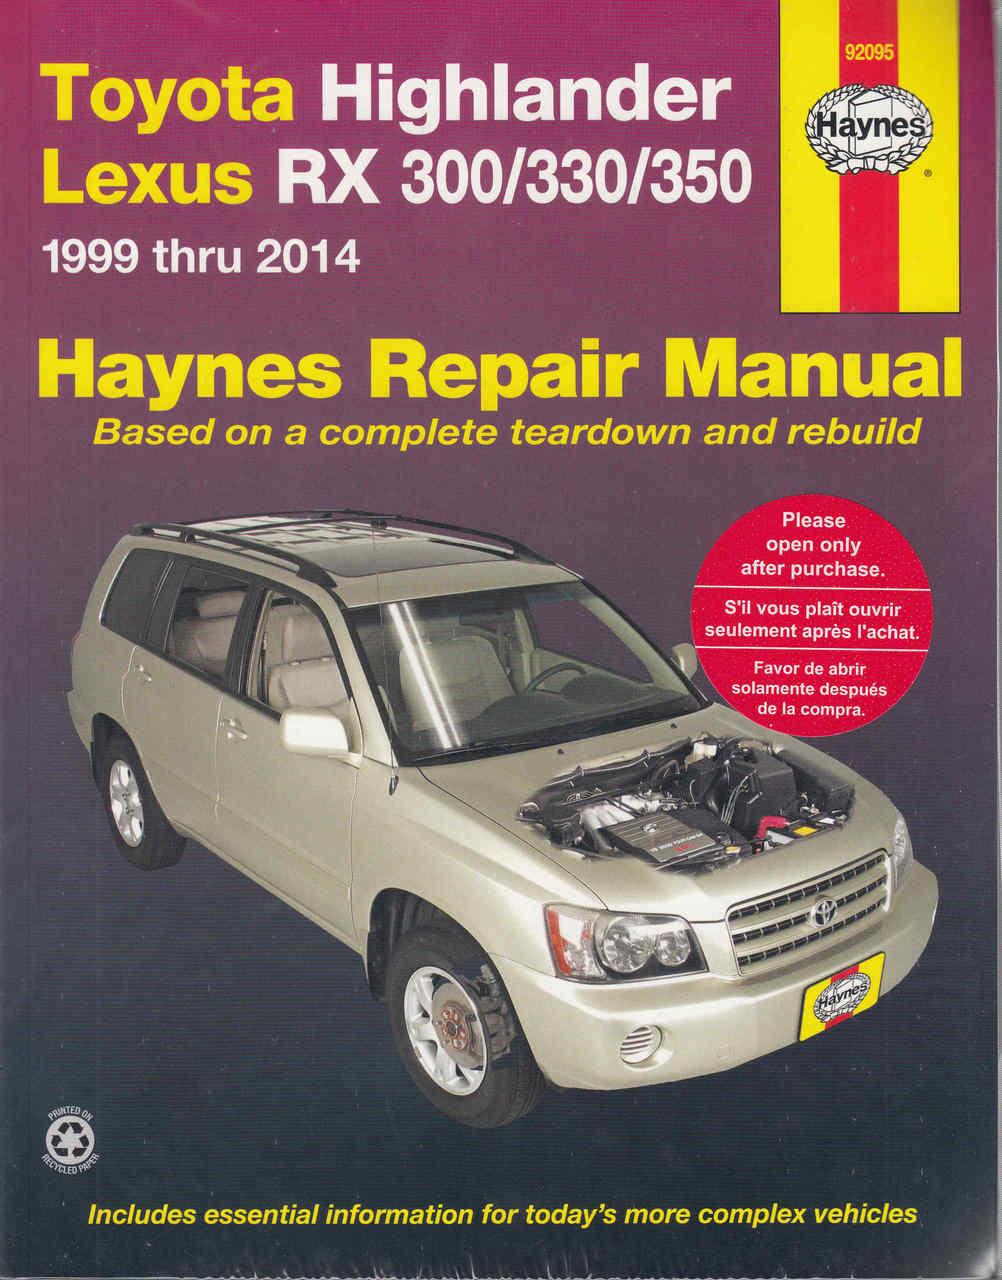 Toyota Kluger, Highlander, Lexus RX300, RX330, RX350 1999 - 2014 Workshop  Manual